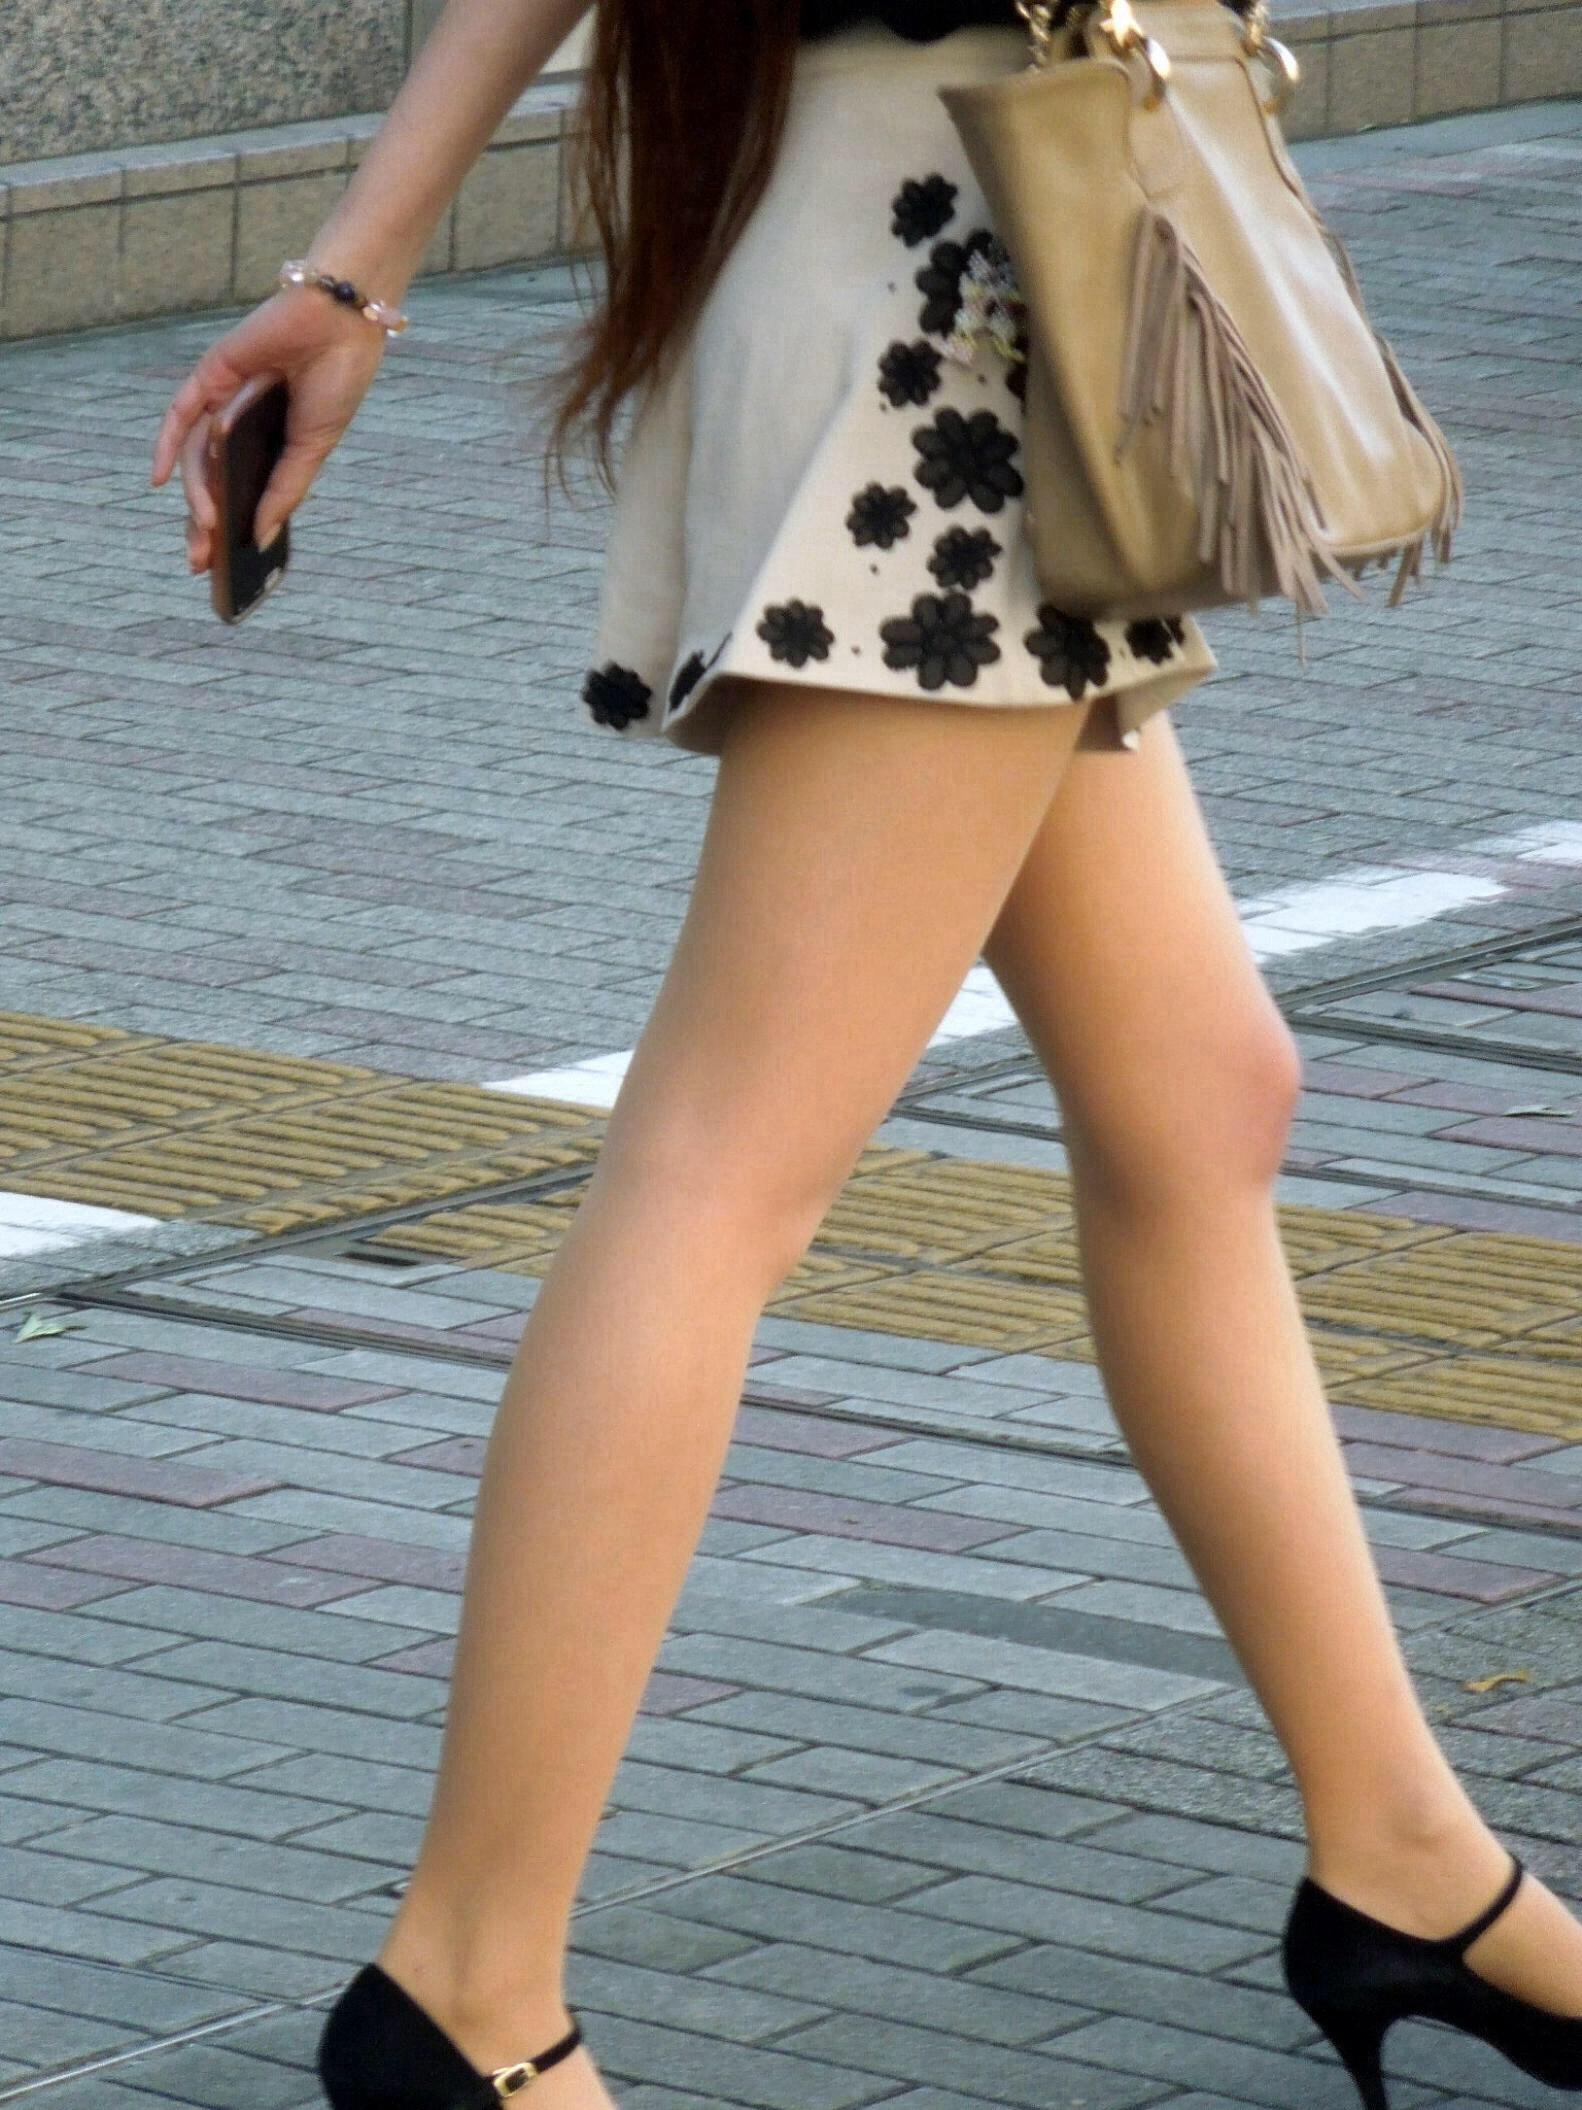 【美脚エロ画像】もう大根なんて言わせない!街行く新鮮な美脚美人撮りwww 09